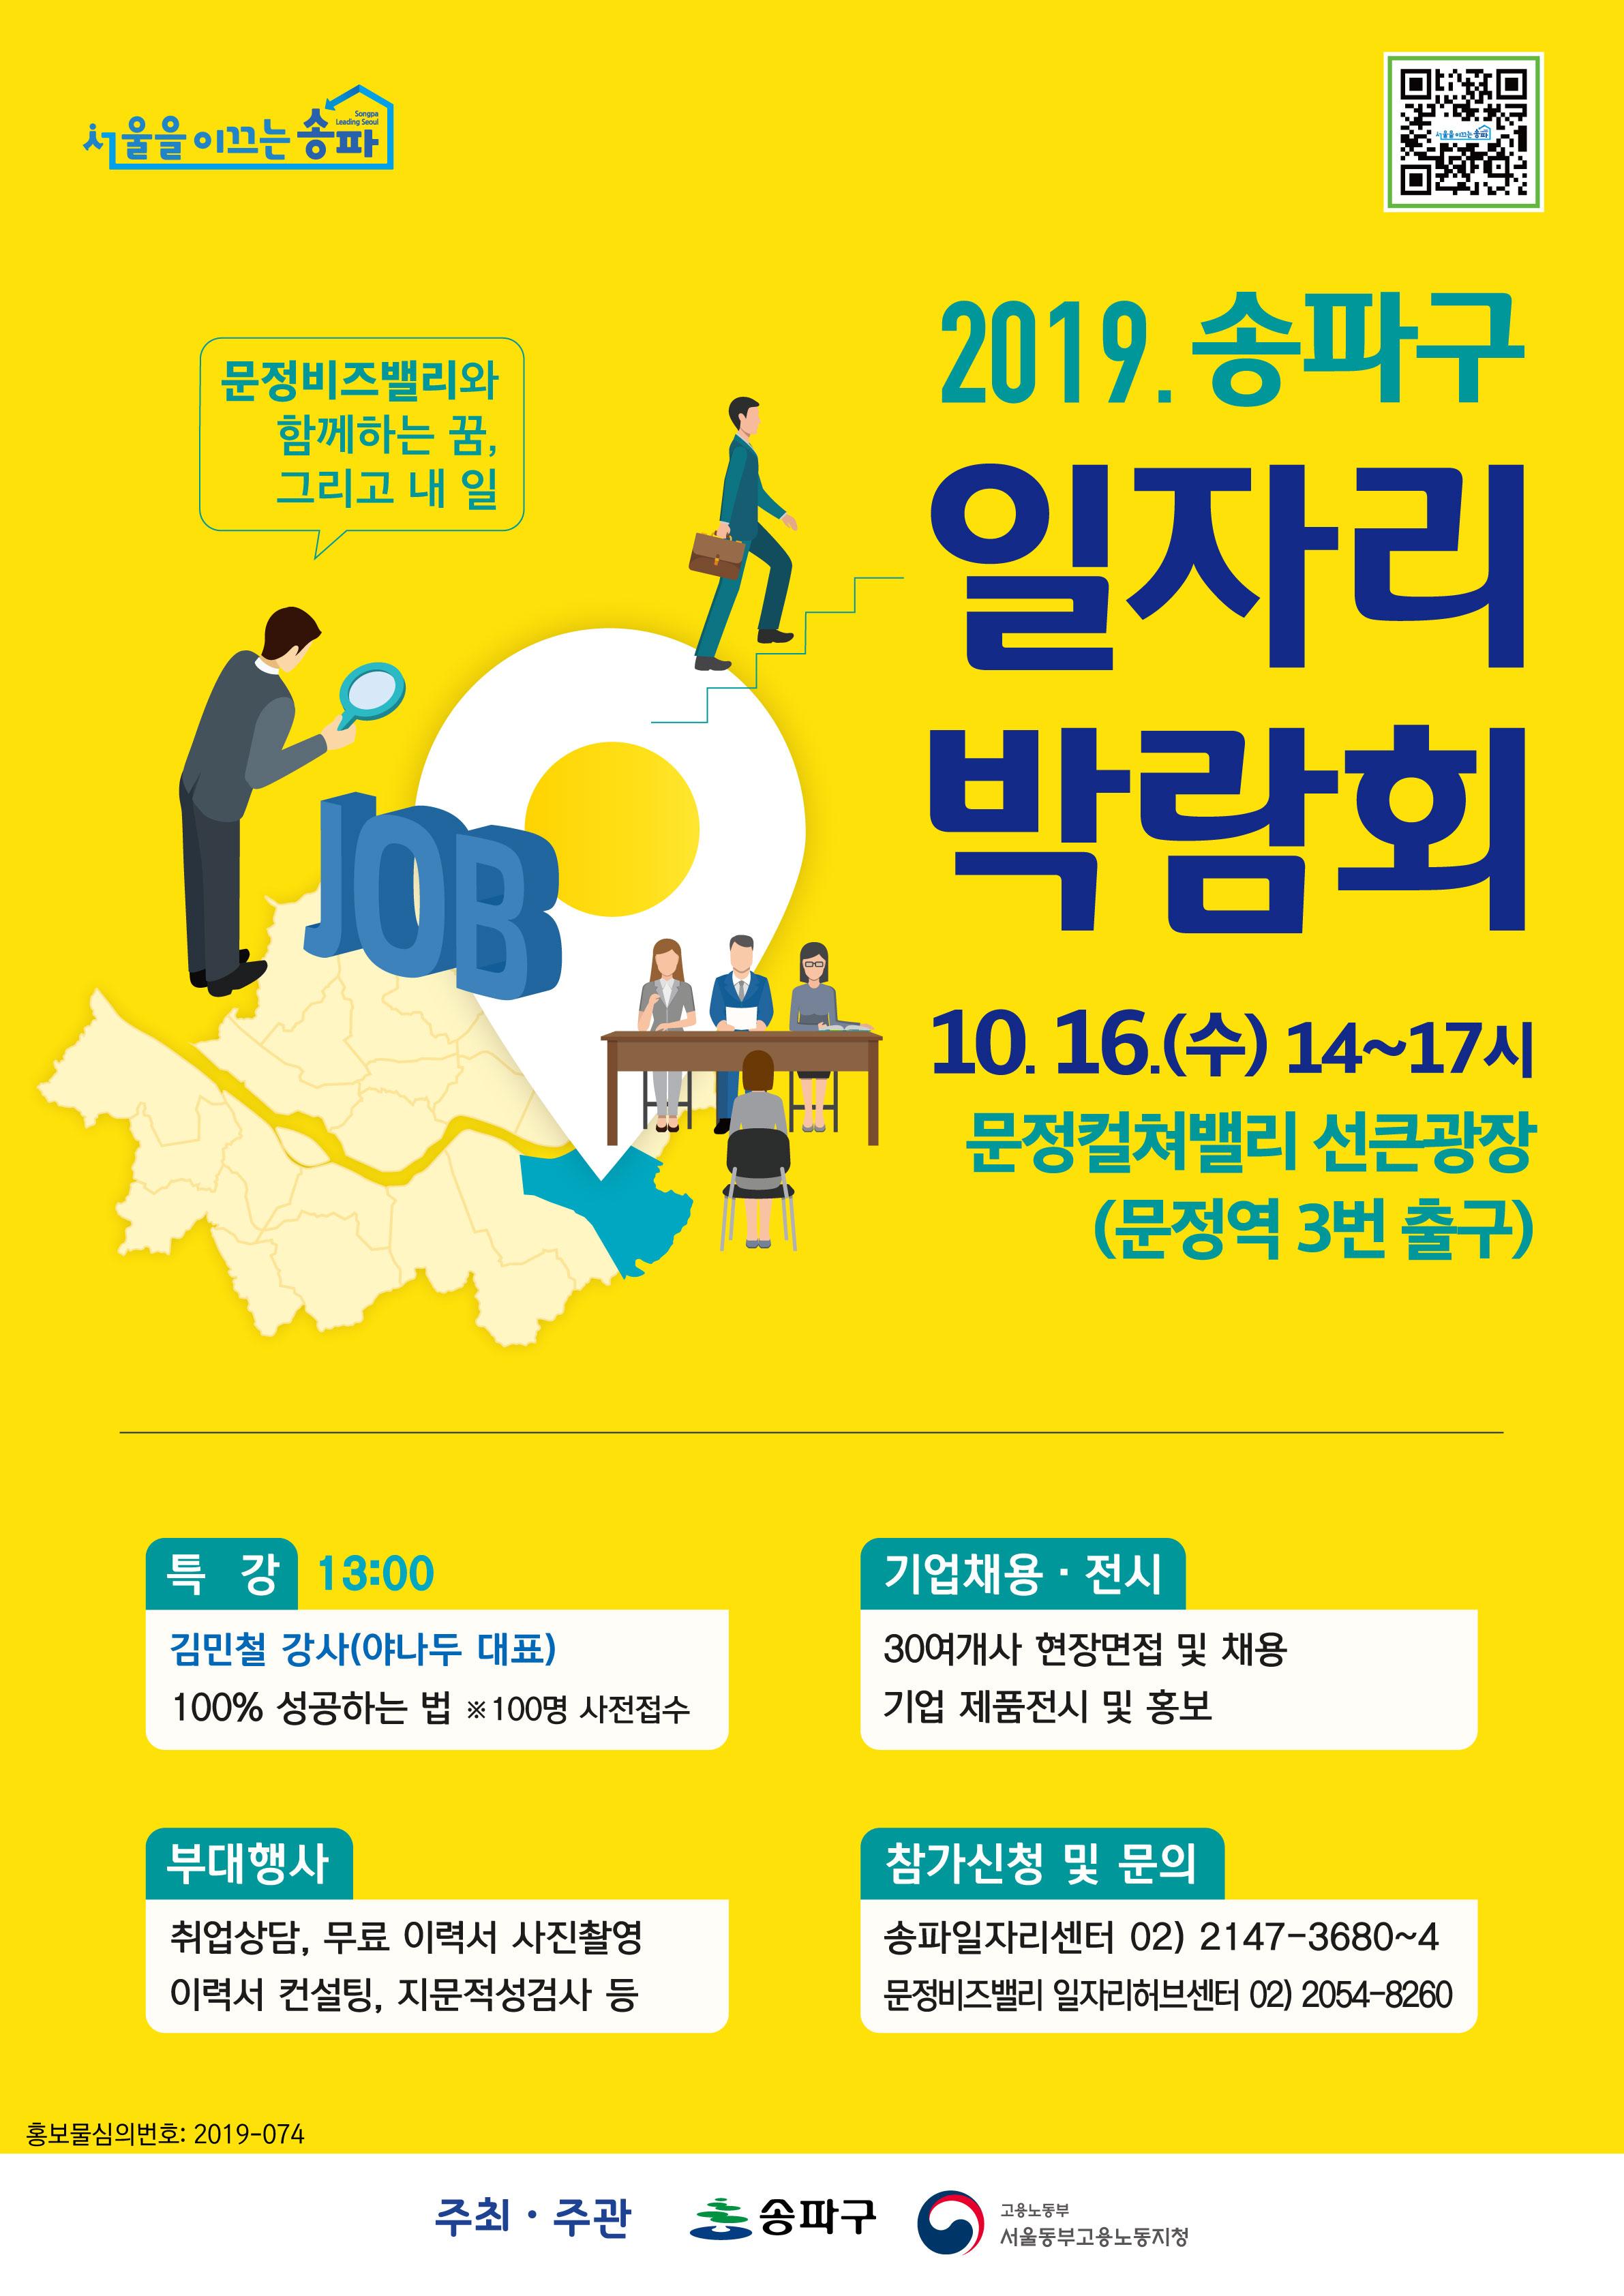 송파구, '2019 일자리박람회' 개최… 31개사·구직자 1,000여 명 참여